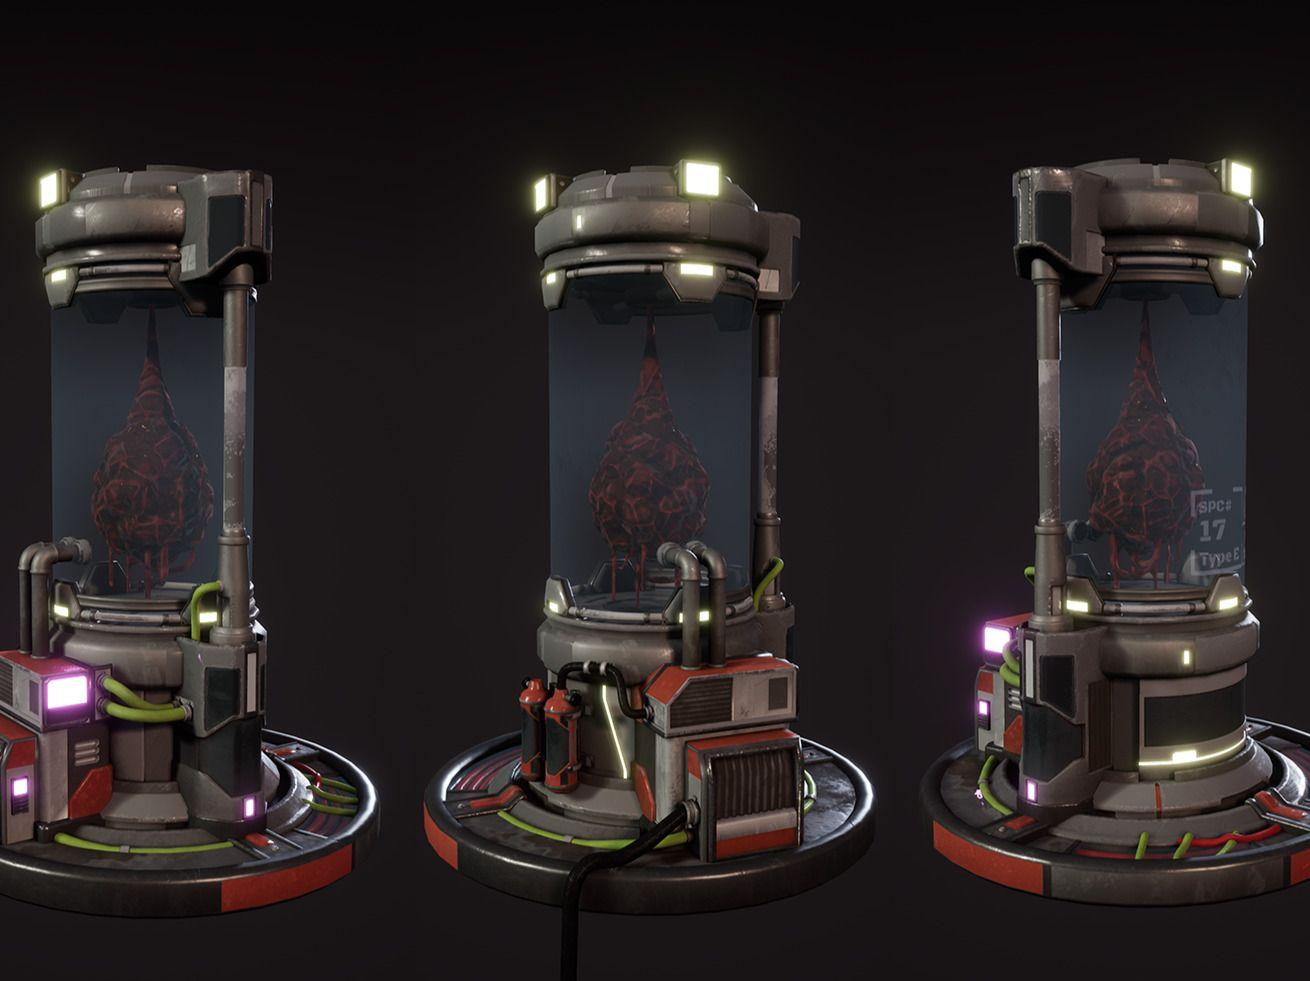 Containment Capsule